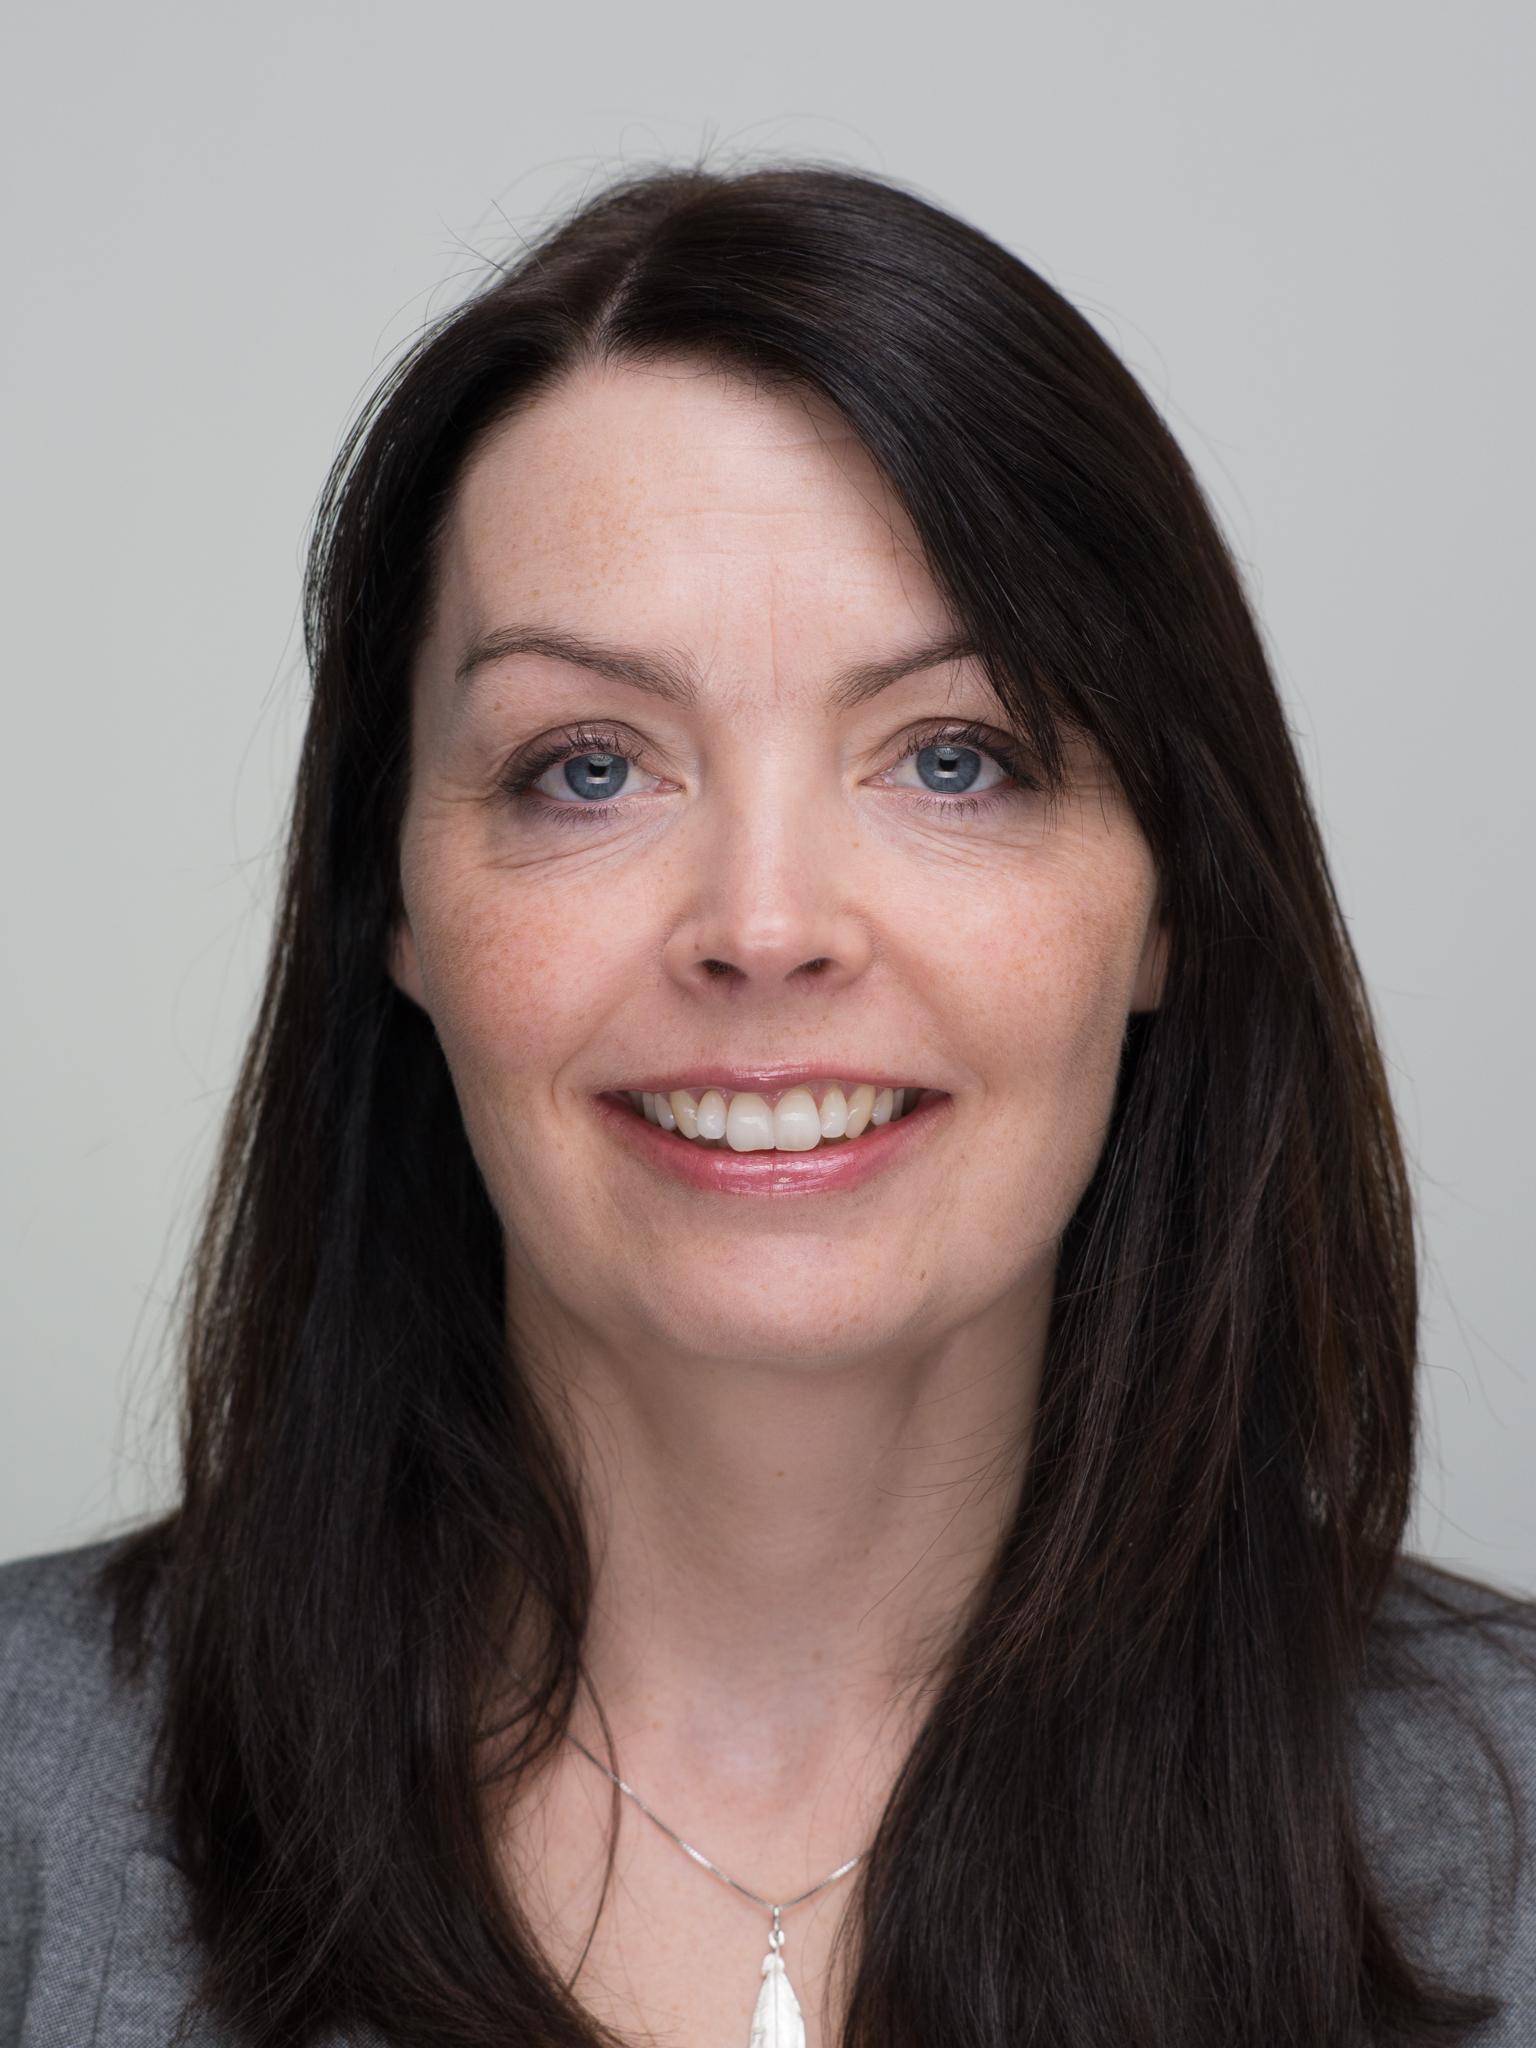 Jenny McCoy